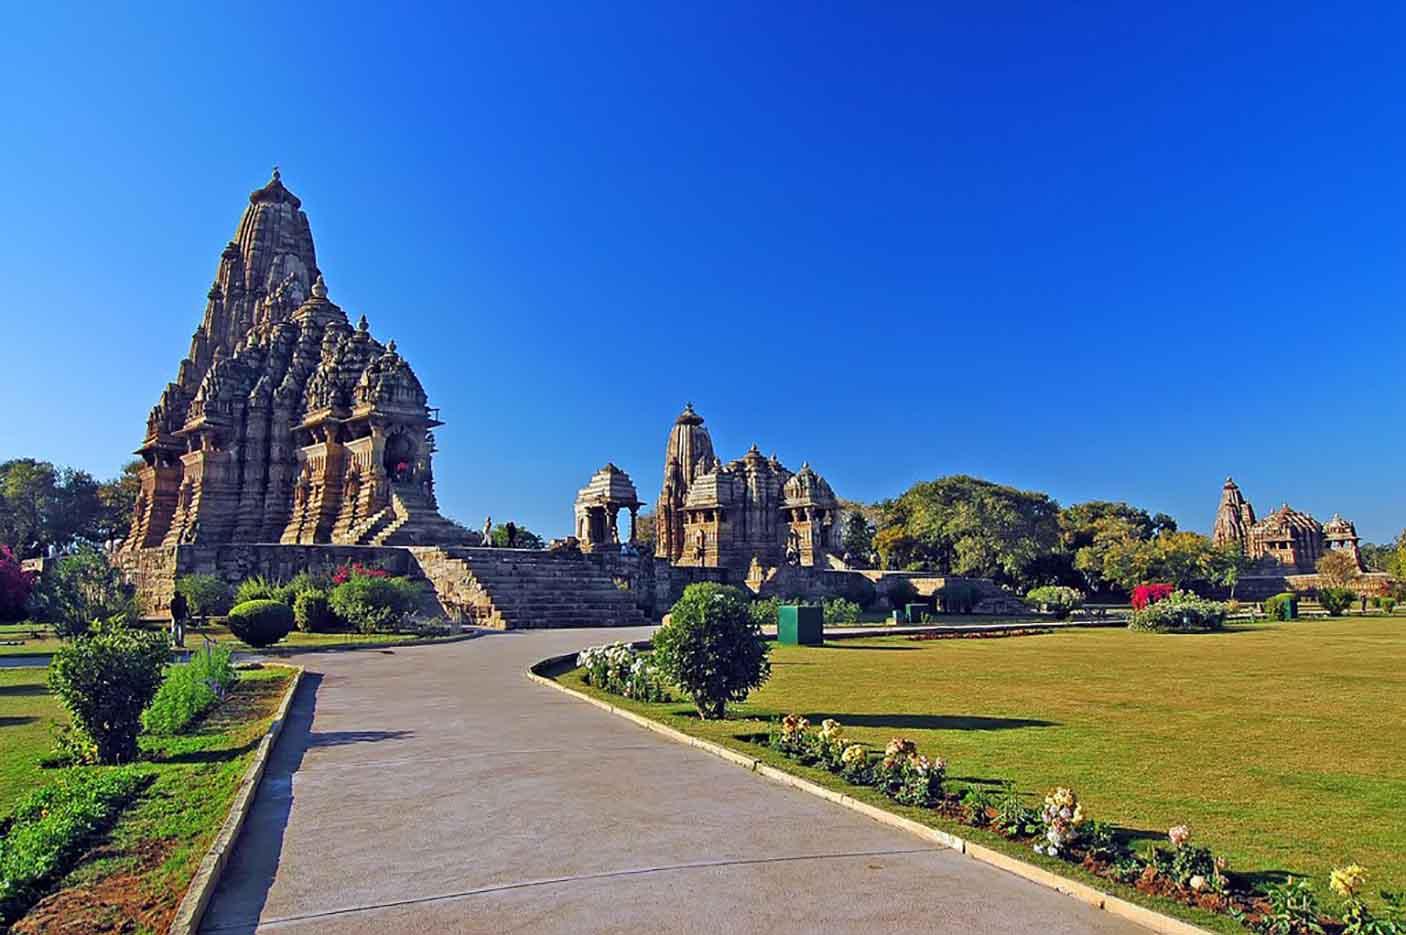 Храмы Кхаджурахо, Khajuraho Temples - 4